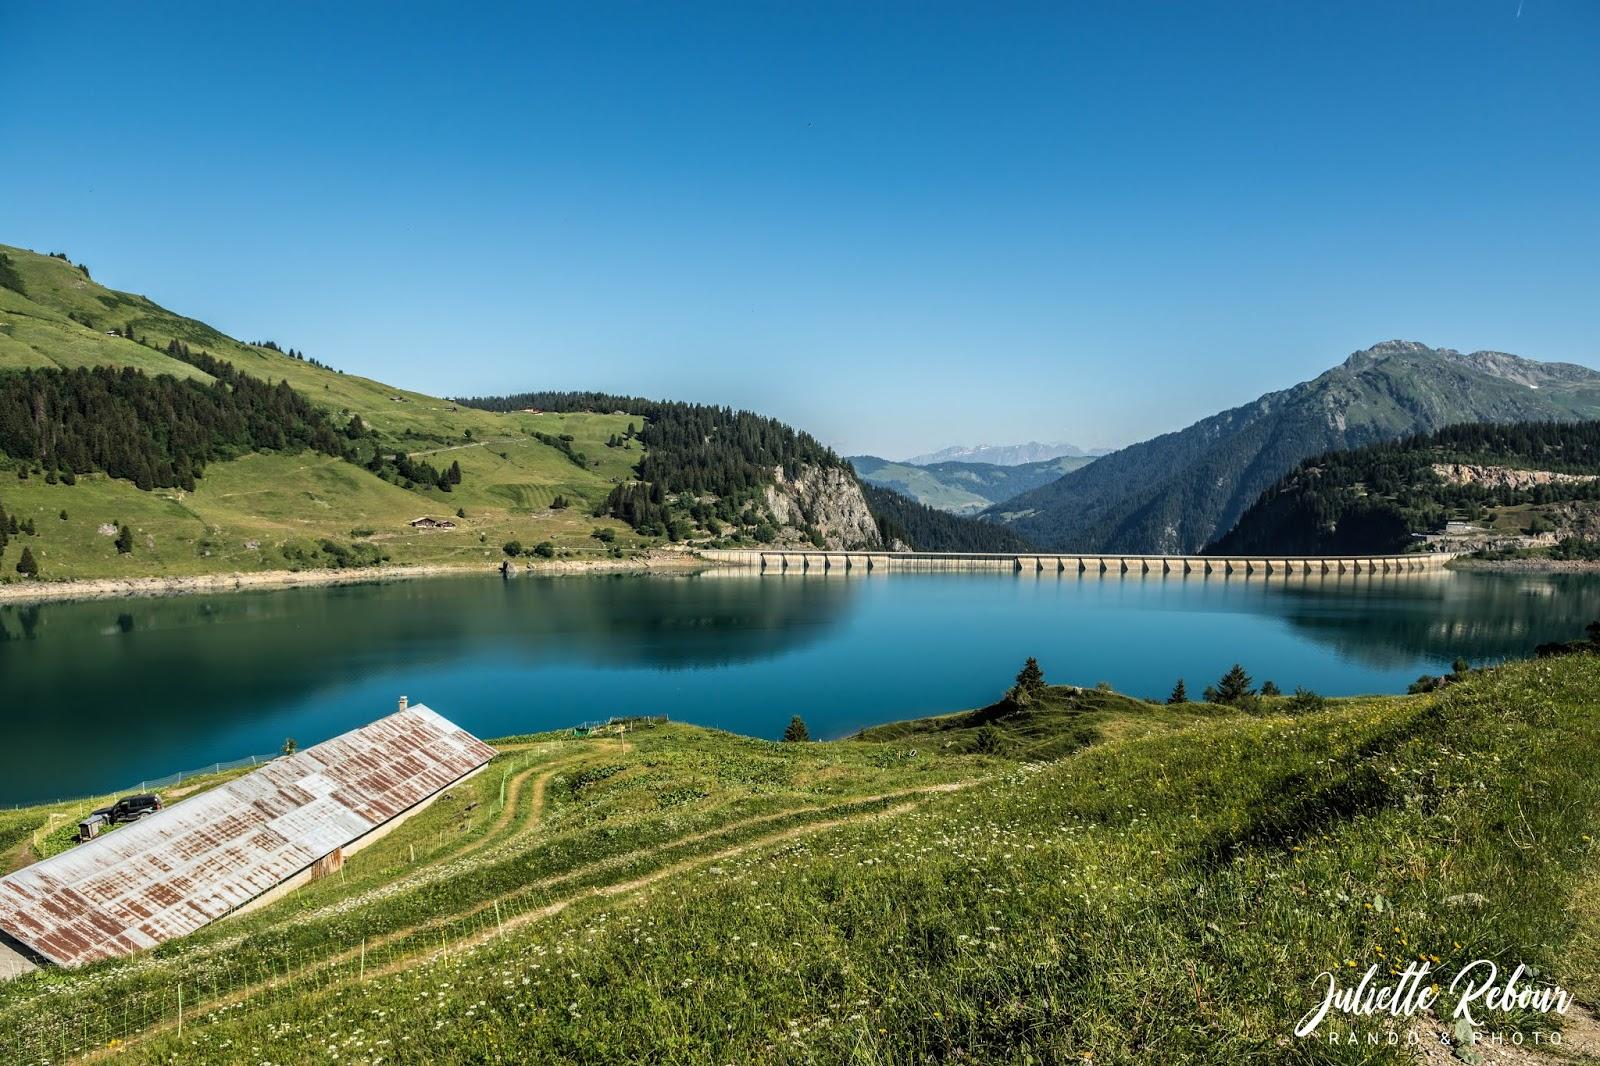 Randonnée en Savoie, lac de Roselend